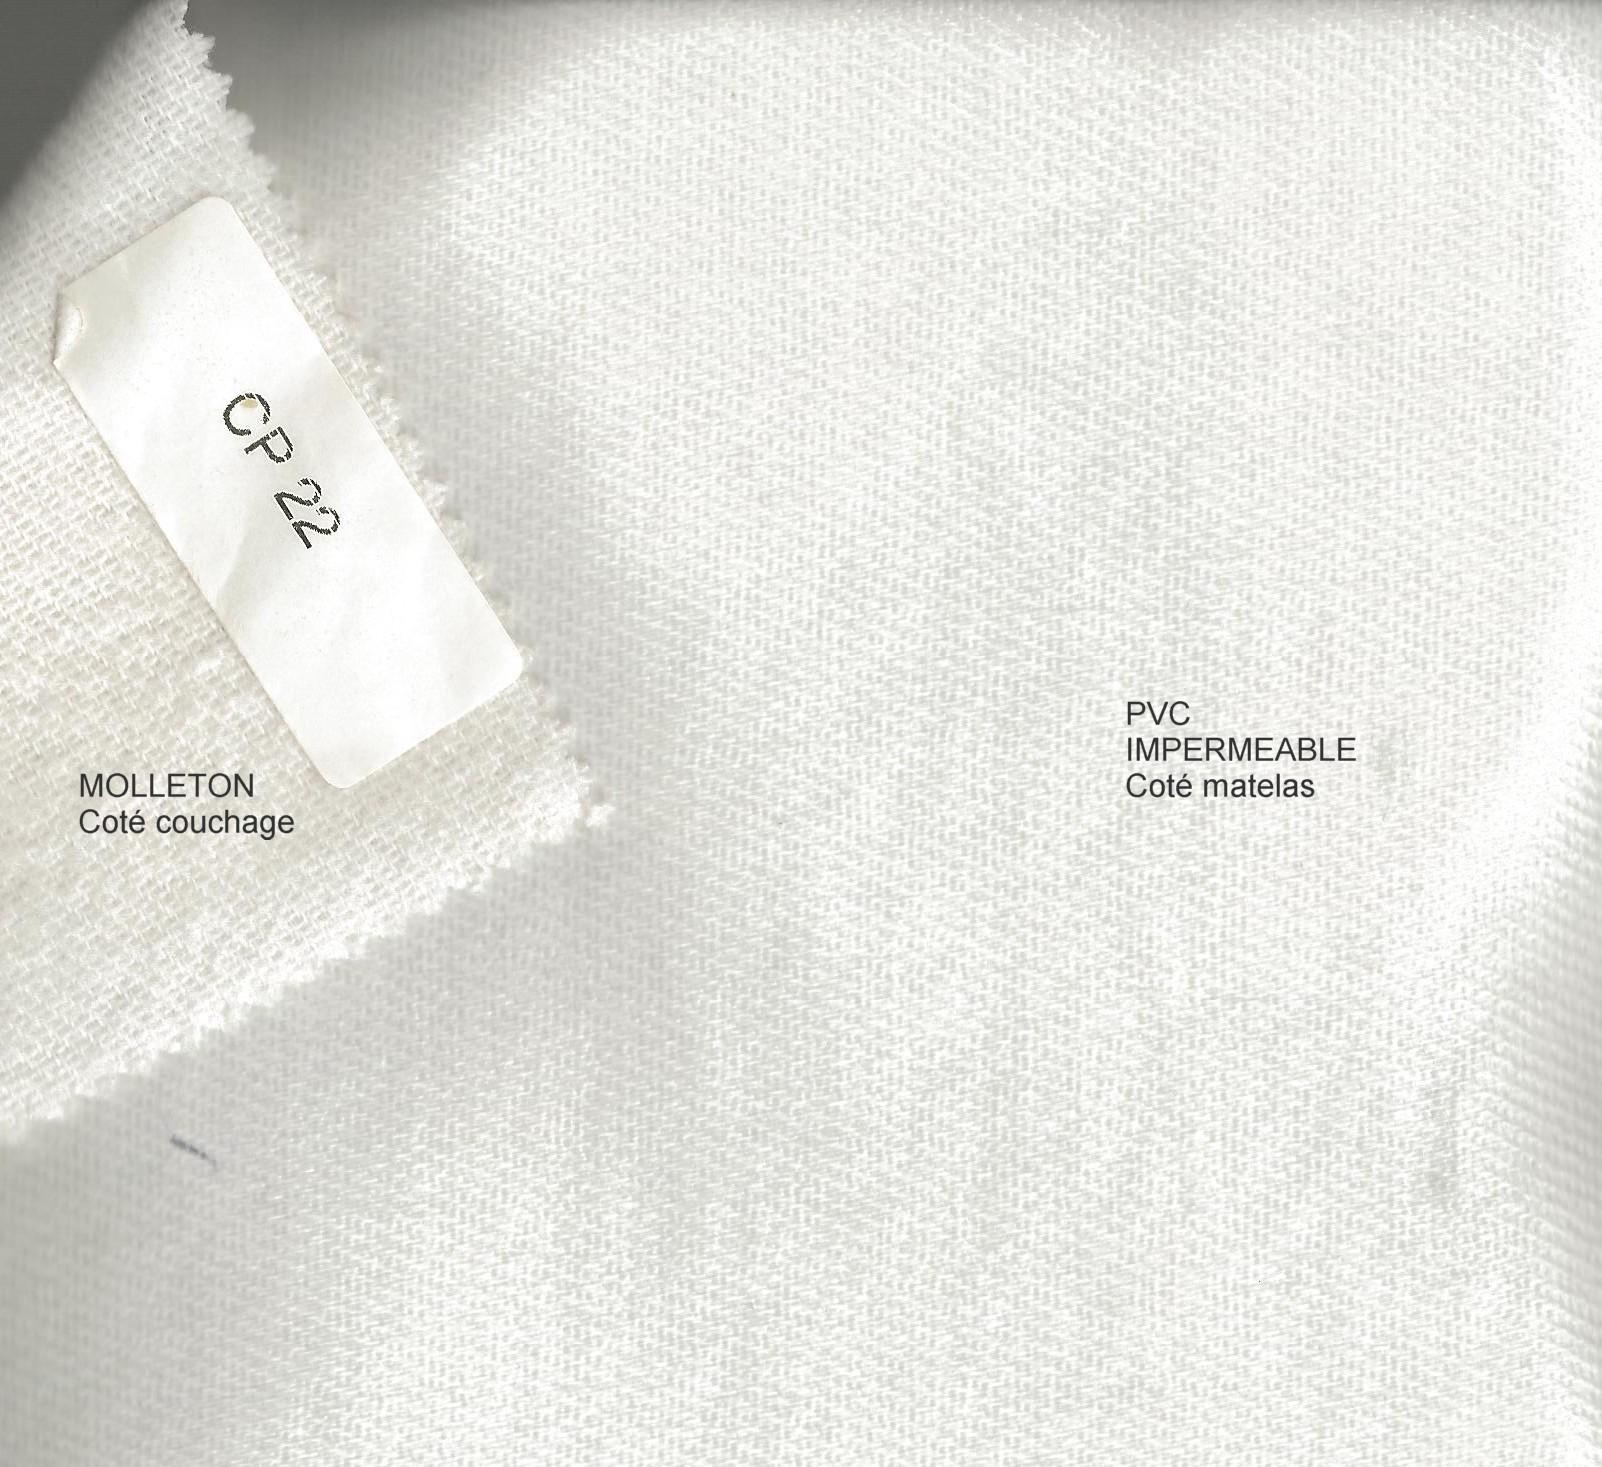 acheter prot ge matelas imperm able coton pvc blanc des vosges 80 x 190 1 pers pas cher. Black Bedroom Furniture Sets. Home Design Ideas